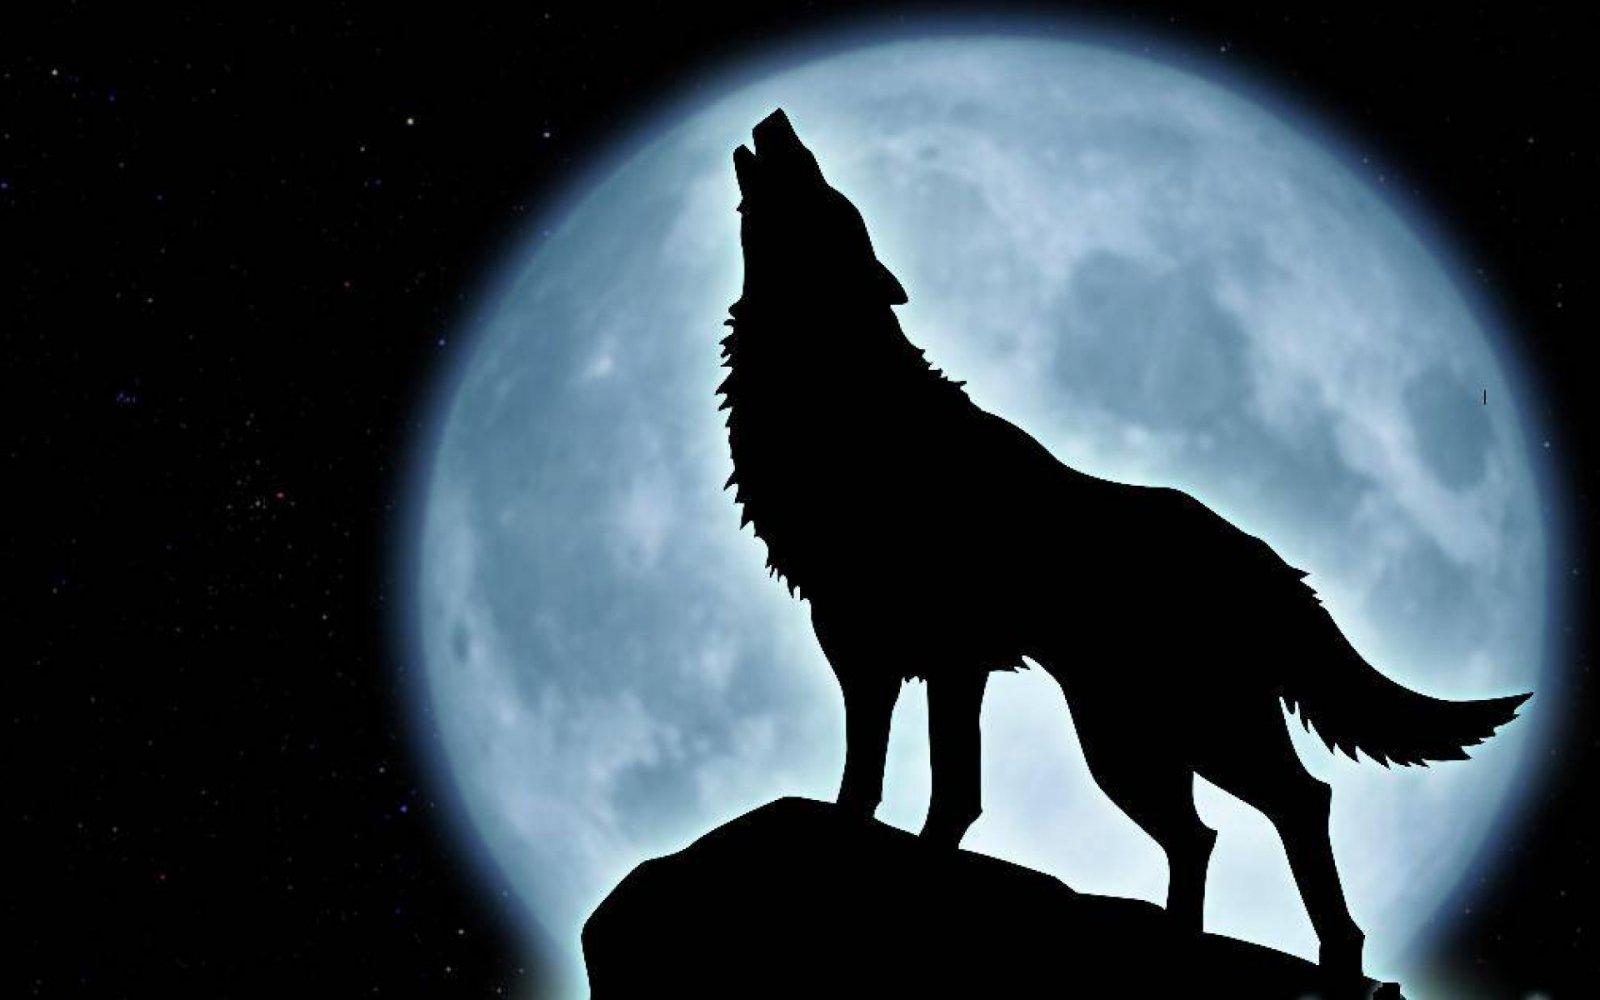 El miedo a la oscuridad en la edad adulta. El miedo convertido en pánico.